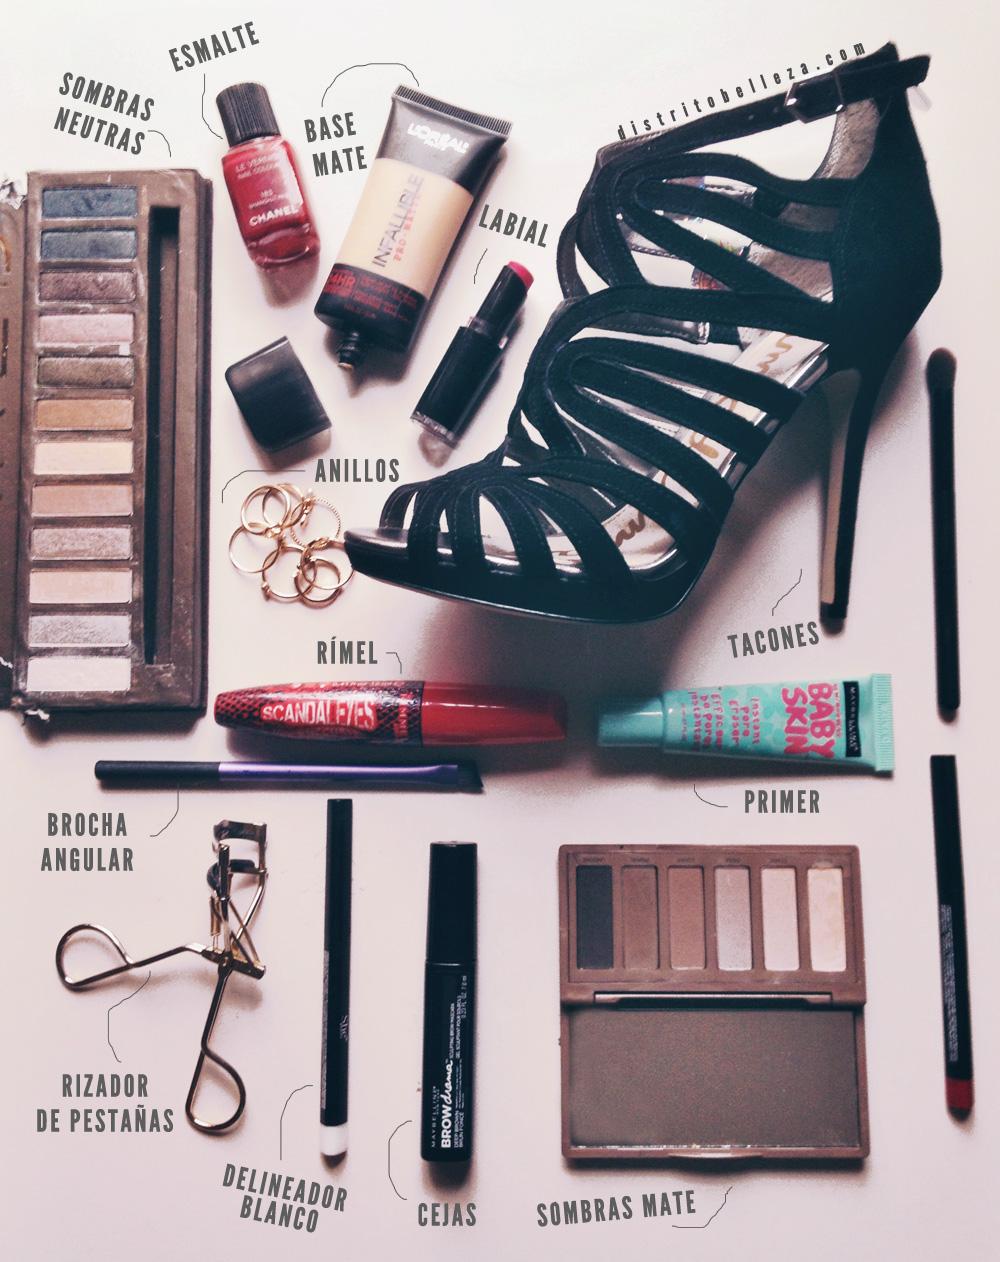 Nuestros belleza de maquillaje